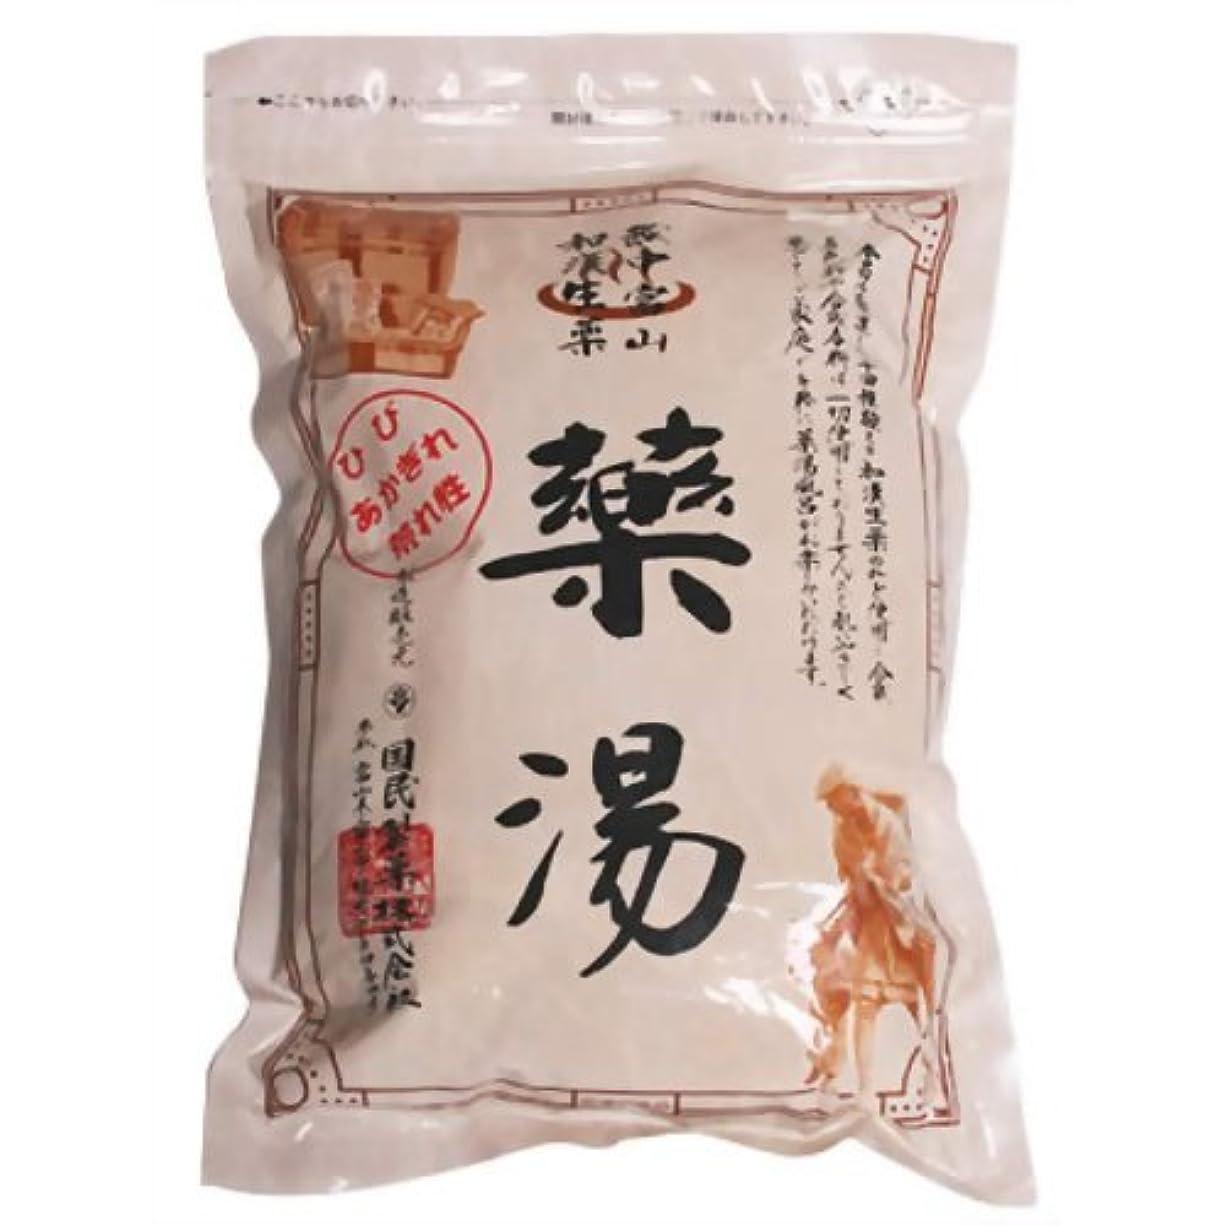 許さないドループ首尾一貫した薬湯 寿湯 40g*10包(入浴剤)